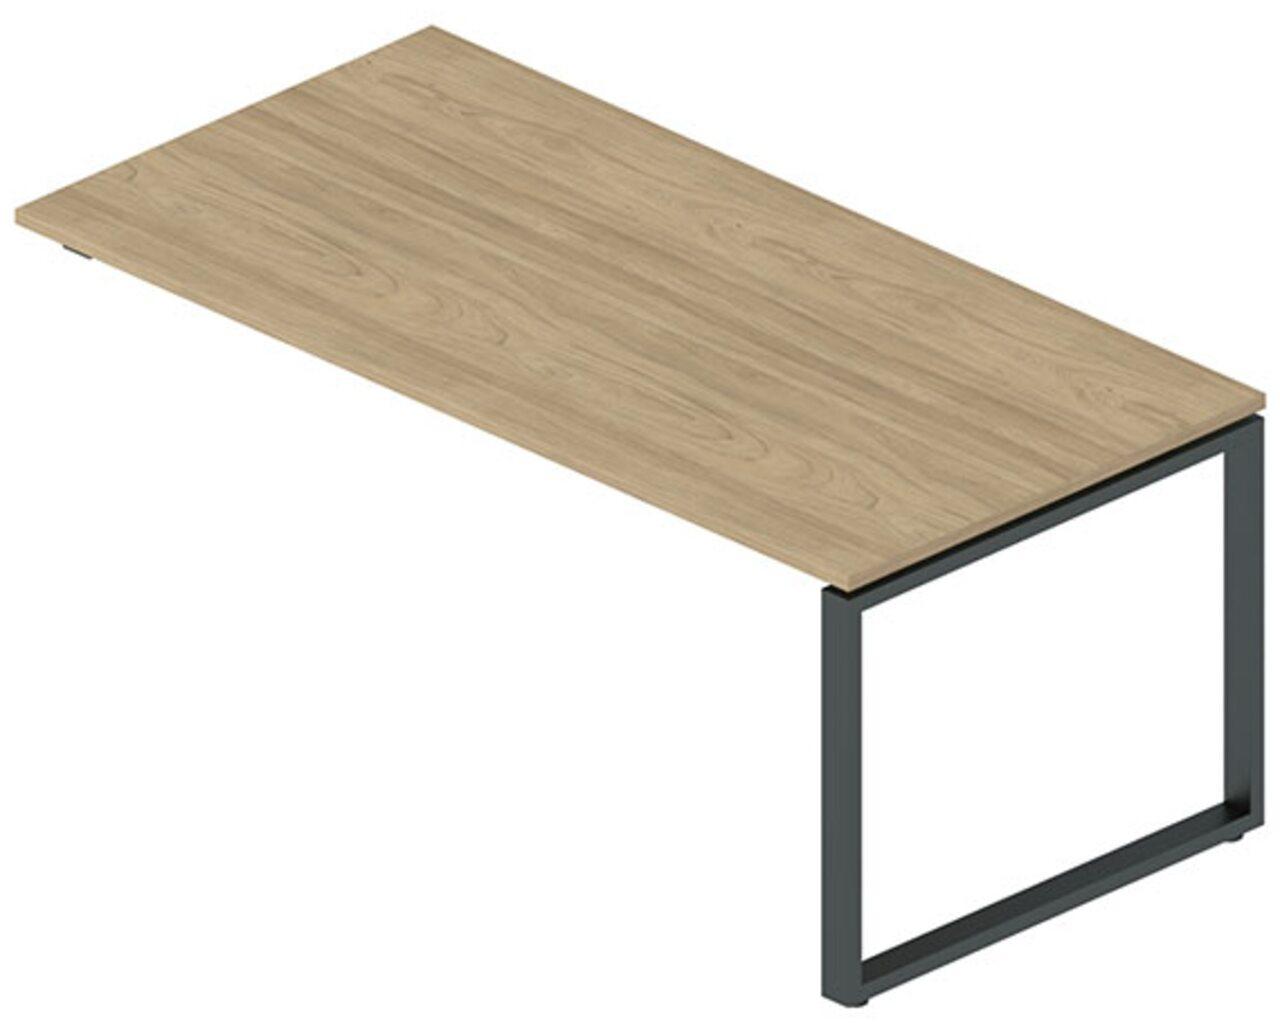 Стол с укороченной опорой под тумбу  Rio Direct 180x90x75 - фото 3